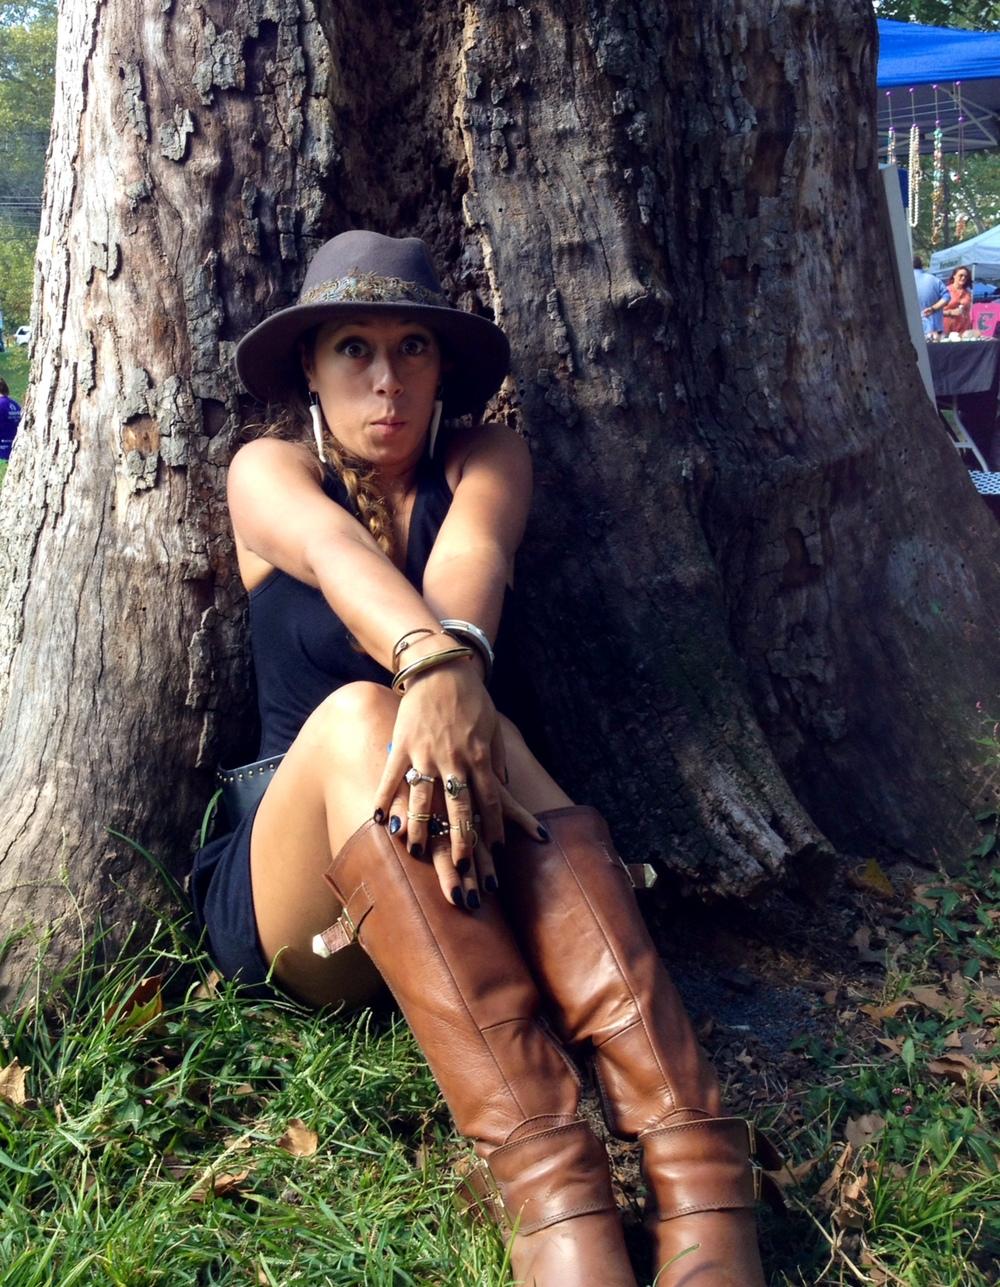 tree pose I